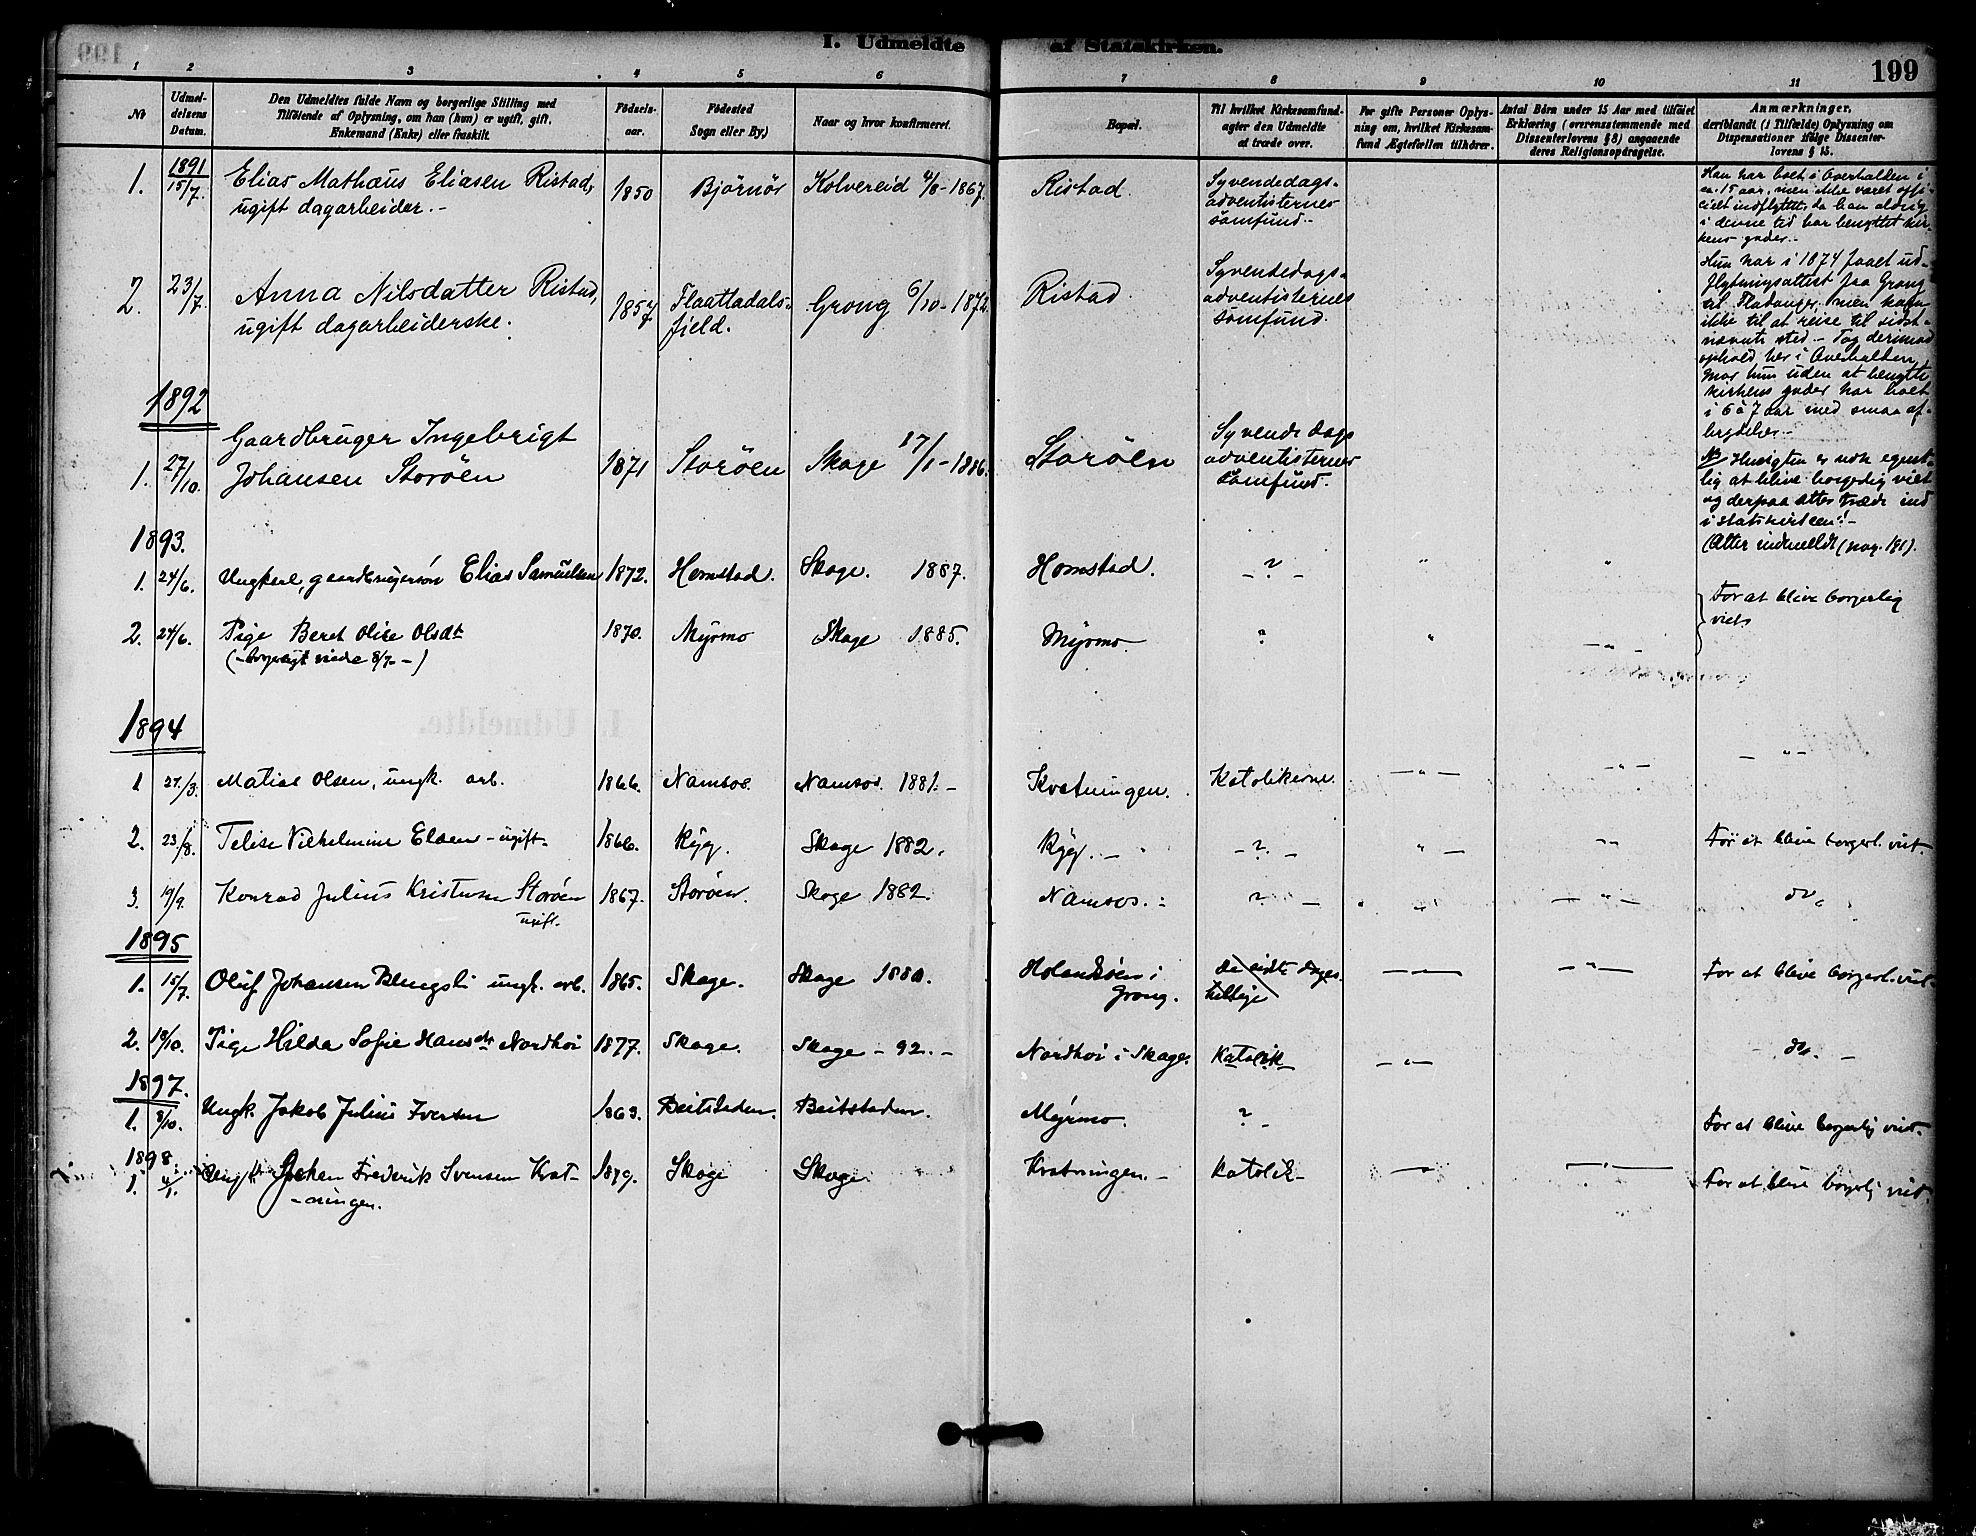 SAT, Ministerialprotokoller, klokkerbøker og fødselsregistre - Nord-Trøndelag, 766/L0563: Ministerialbok nr. 767A01, 1881-1899, s. 199